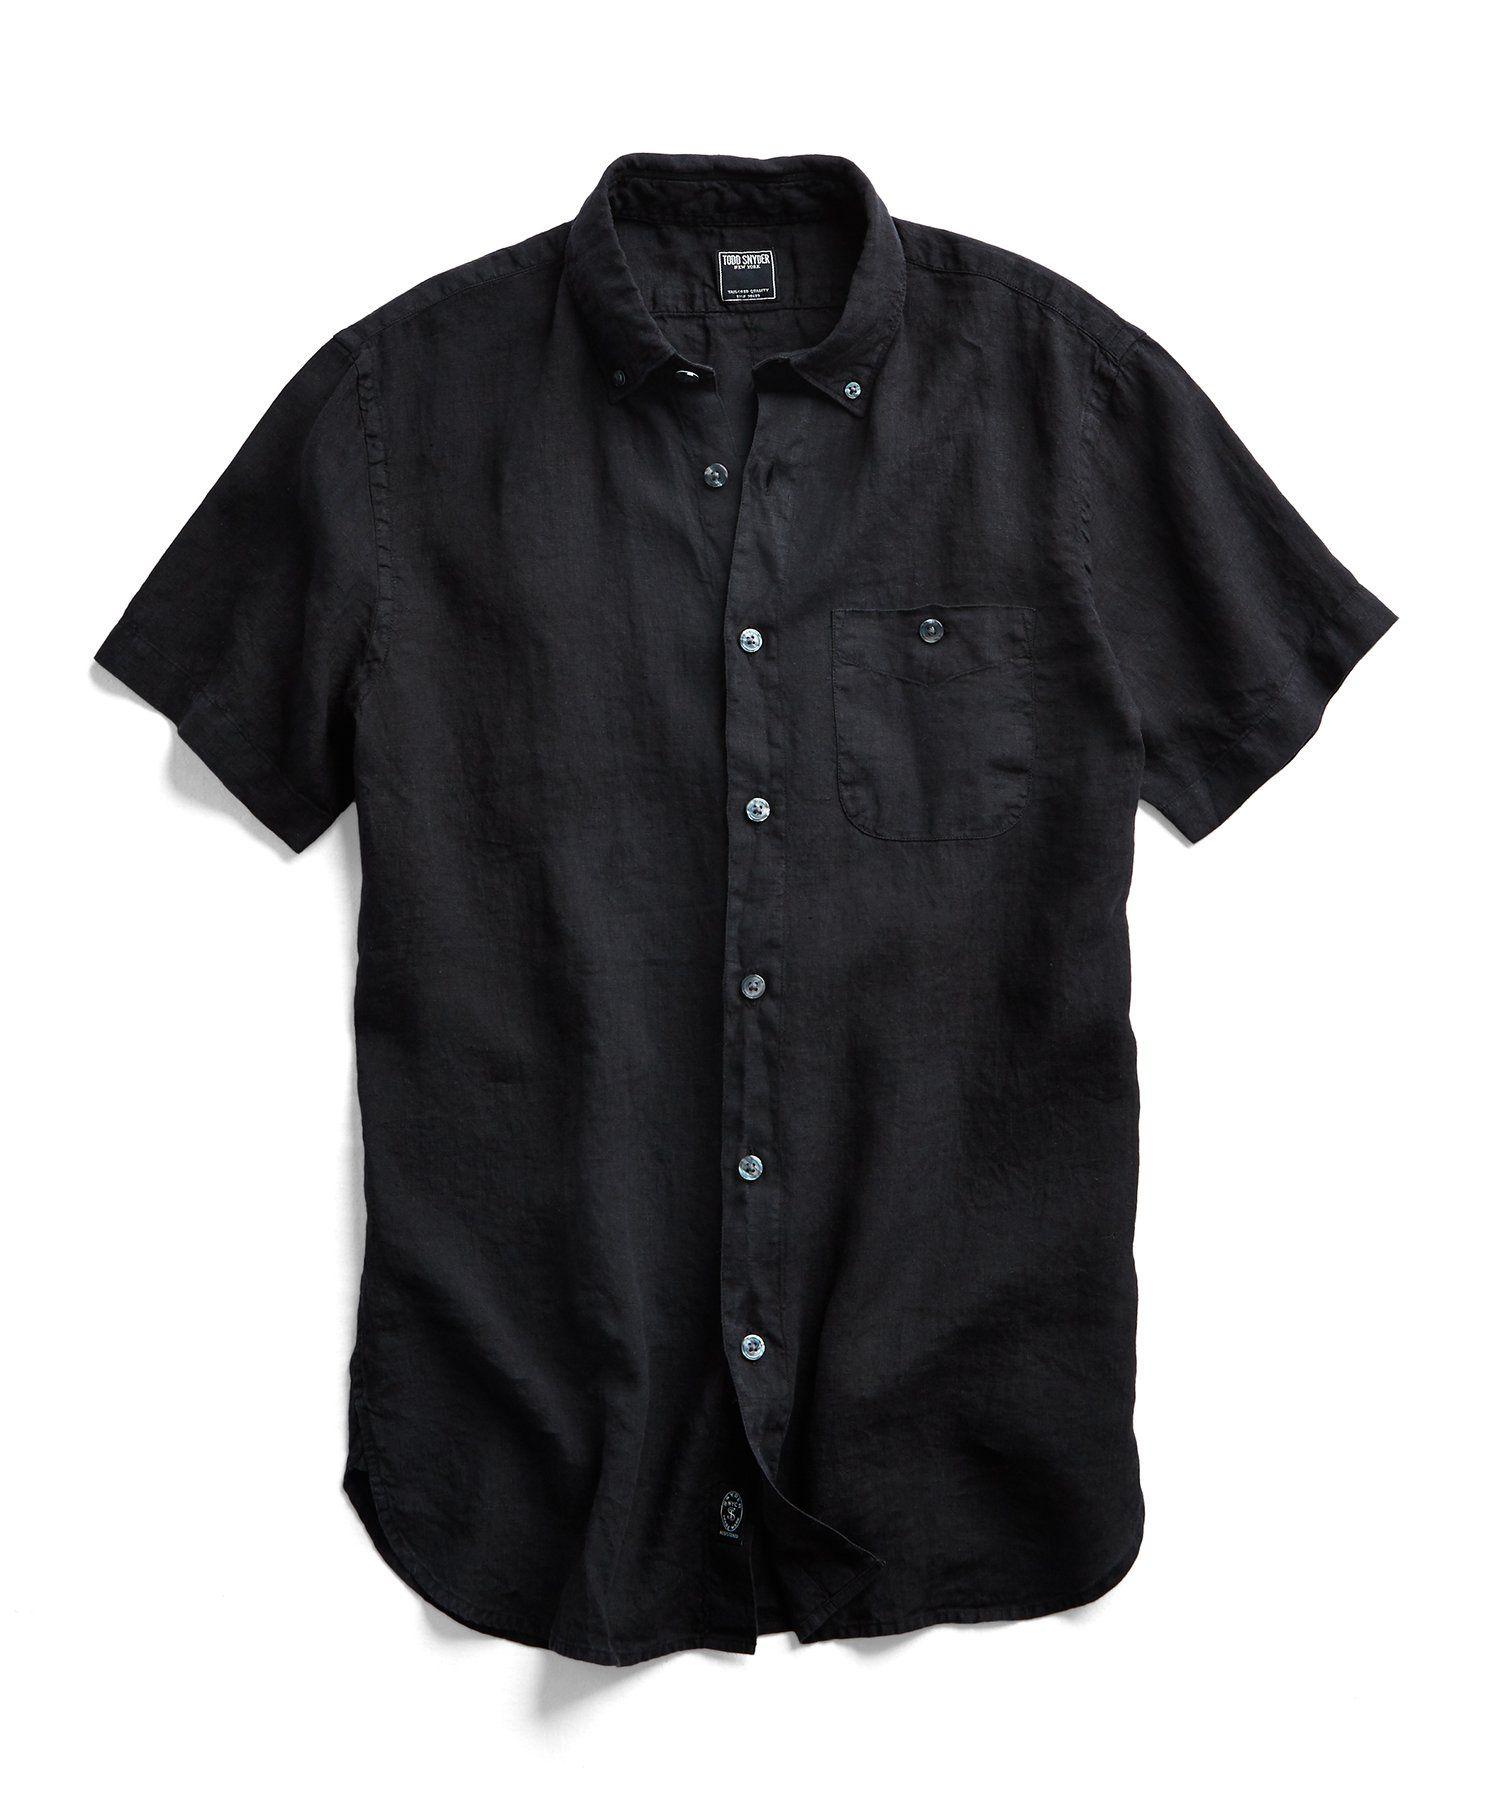 Short Sleeve Linen Button Down Shirt In Black Black Shirt Outfits Shirts Short Sleeve Linen Shirt [ 1800 x 1500 Pixel ]